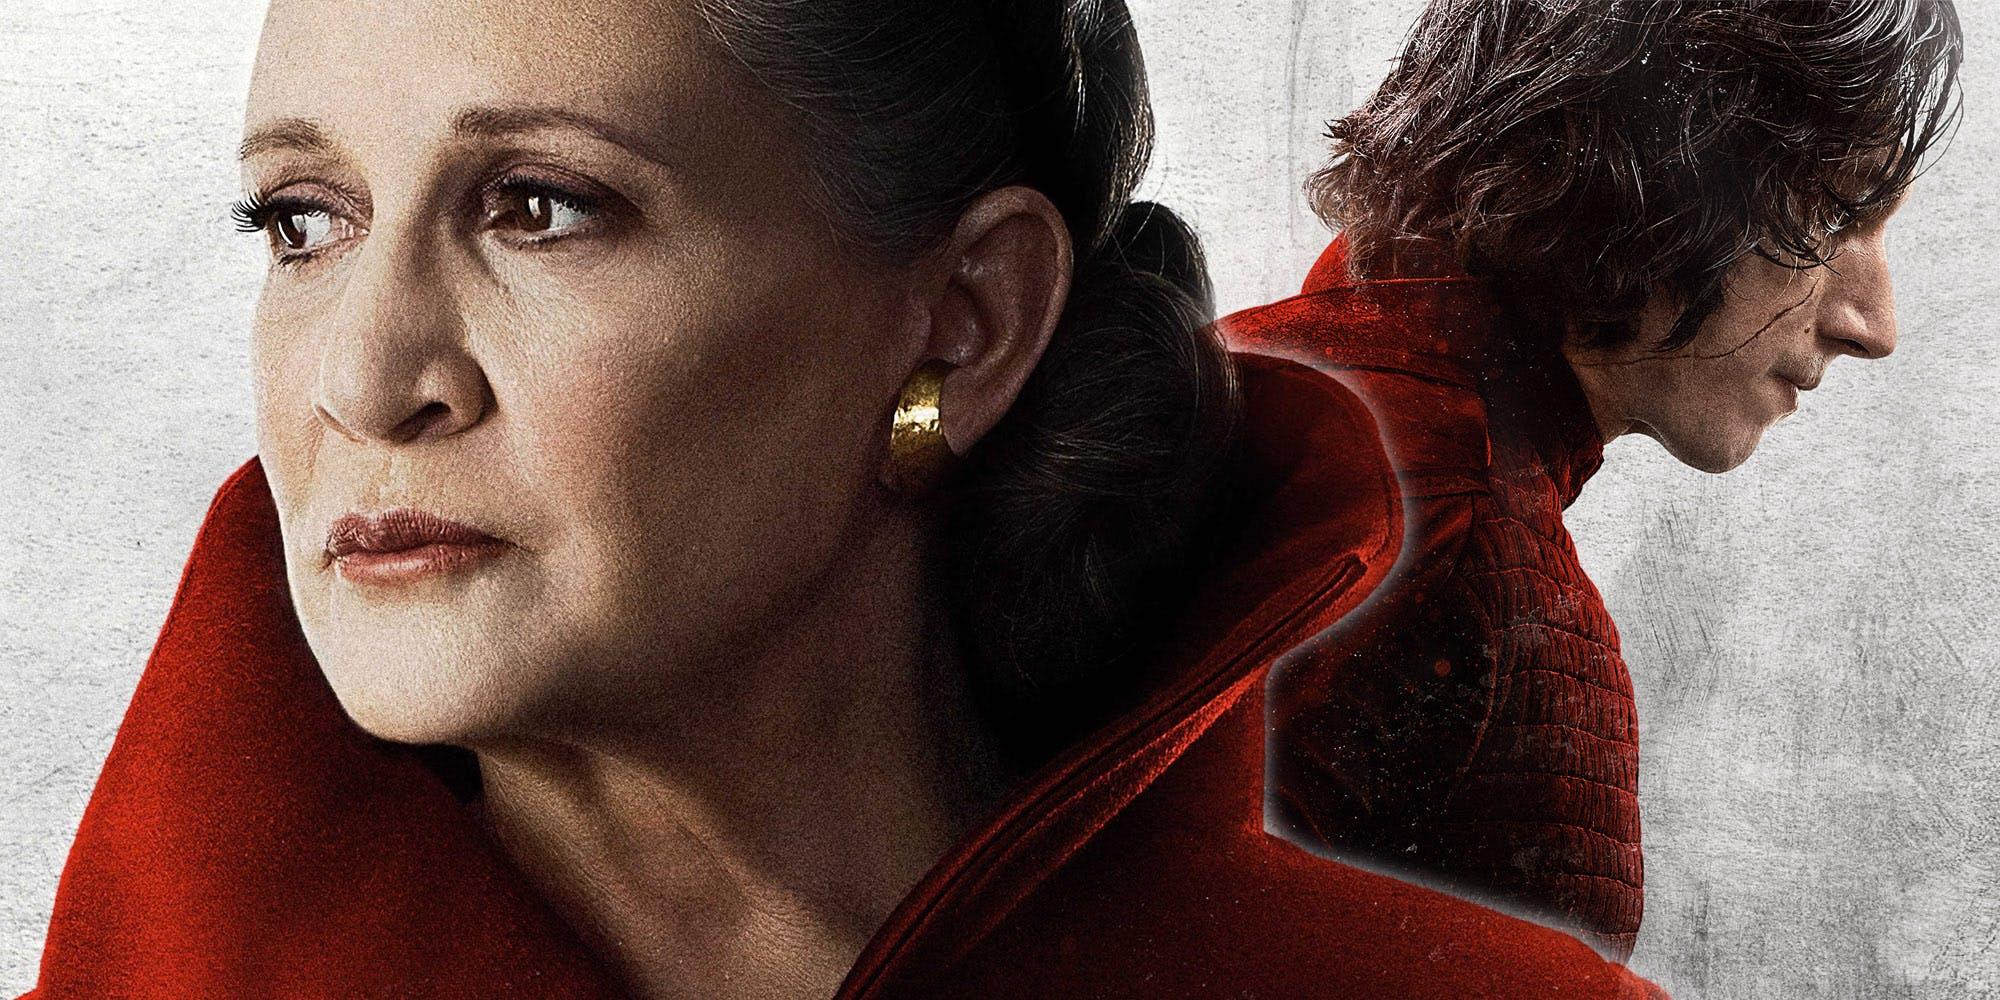 Leia and Kylo Ren